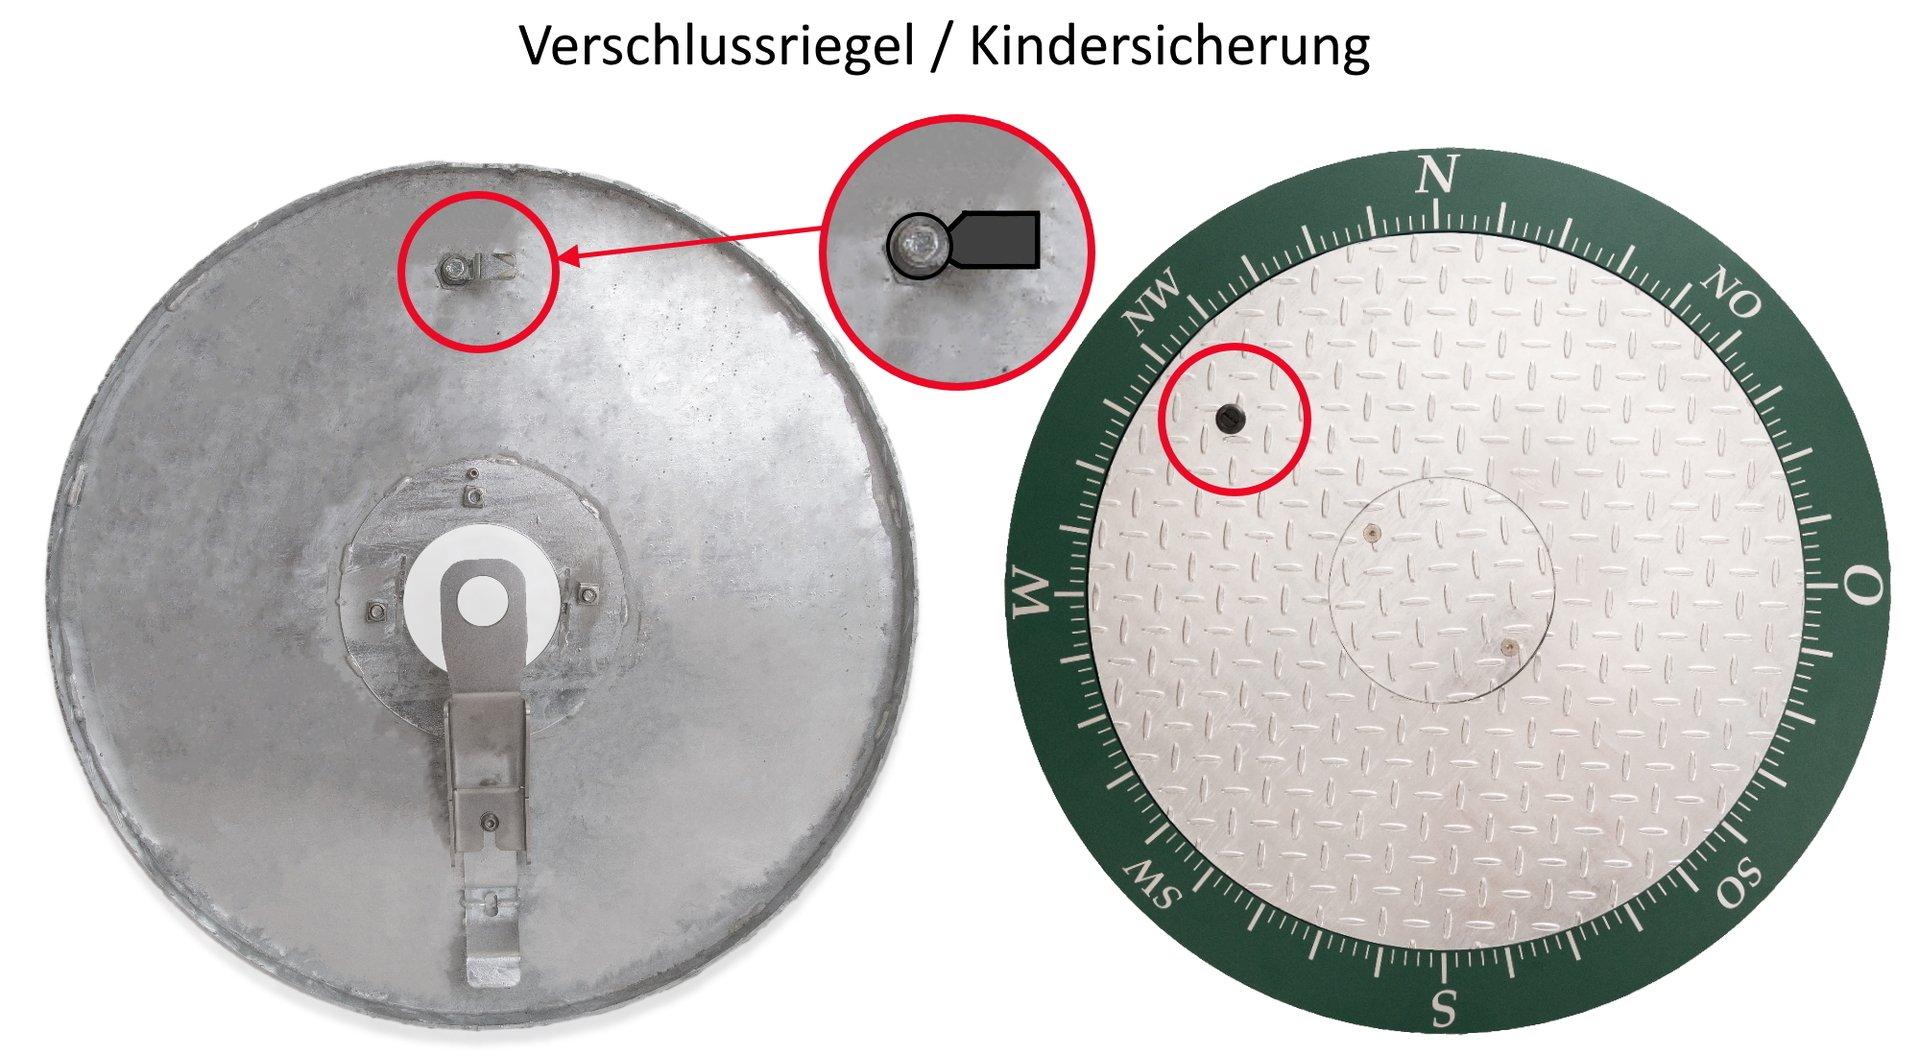 Stahldeckel-TWIN-Verschlussriegel-beschriftet